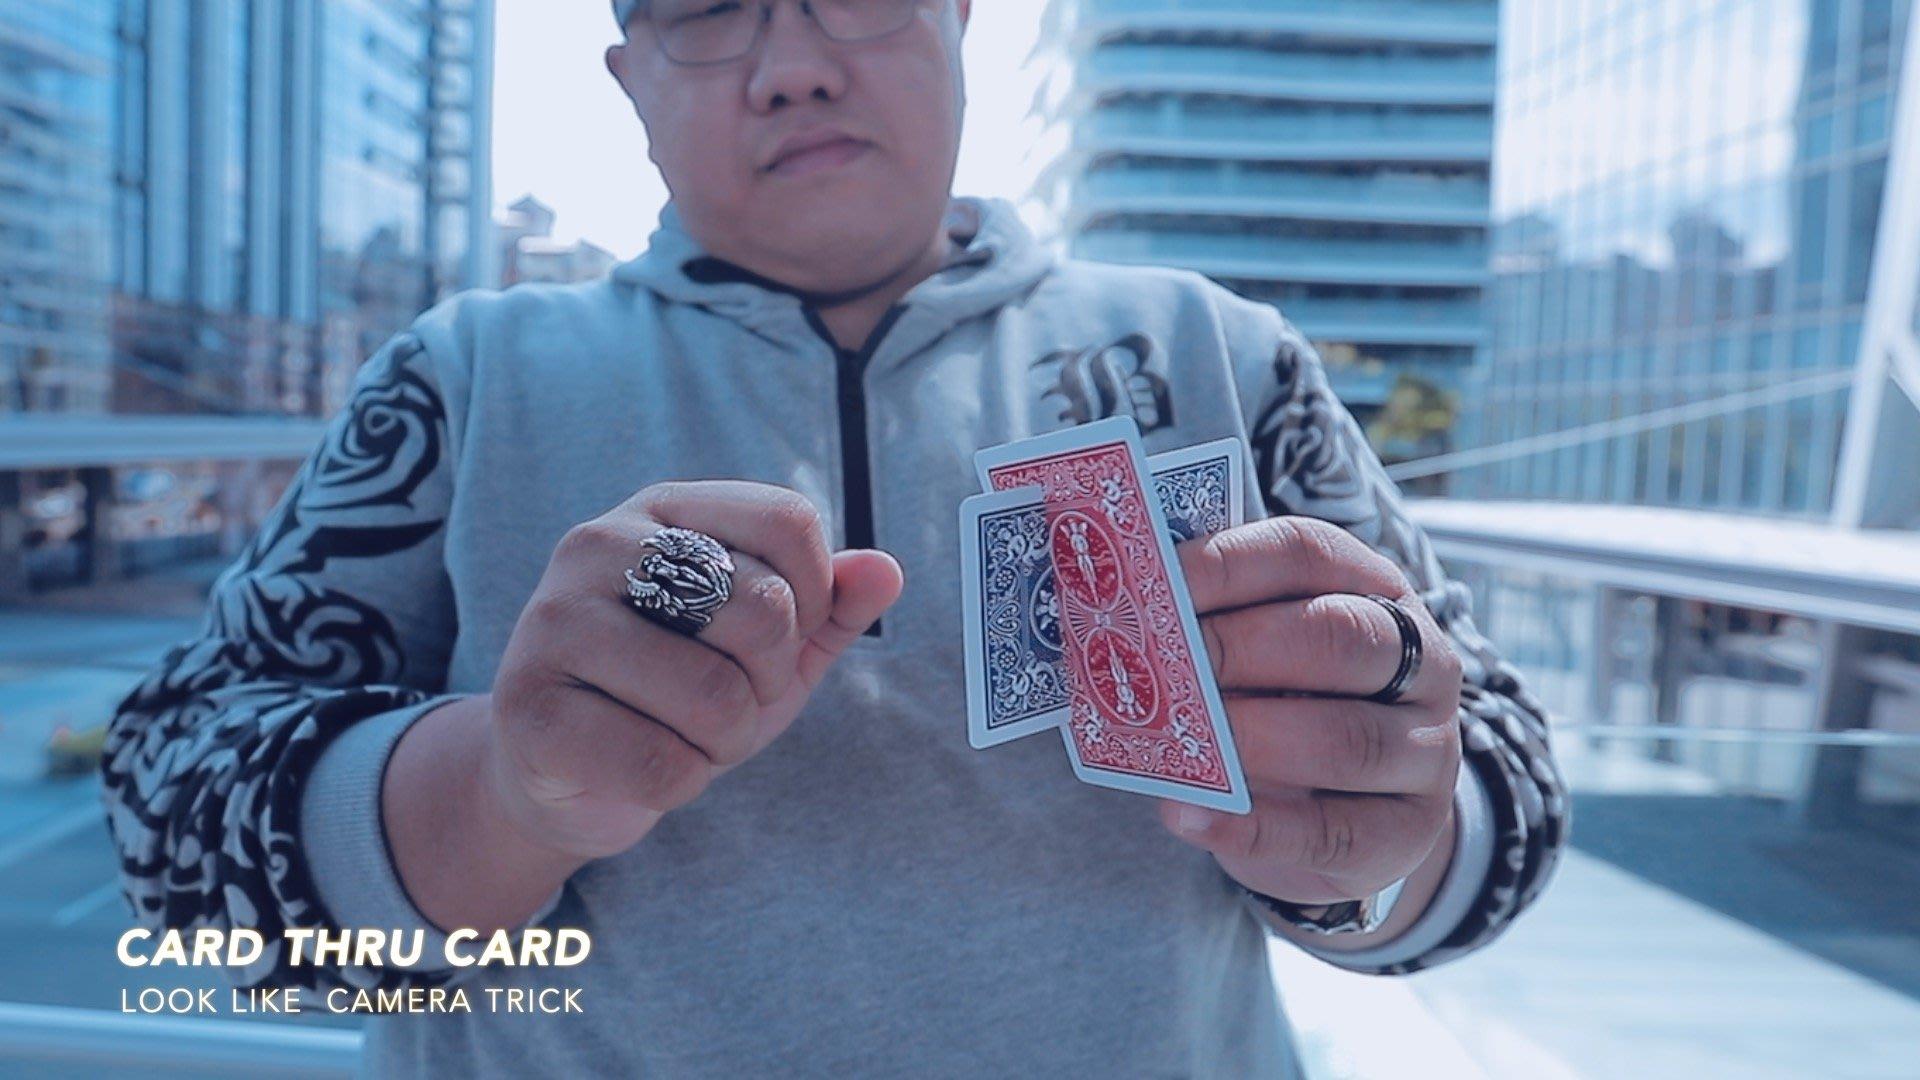 [魔術魂道具Shop]魔術魂原創~~超視覺牌切牌~~穿隧效應~~Intersection by Hondo Chen